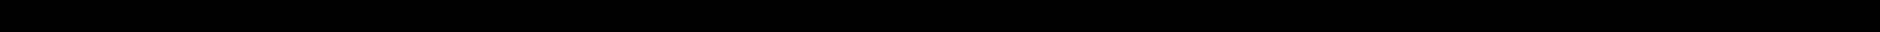 Woodmagik